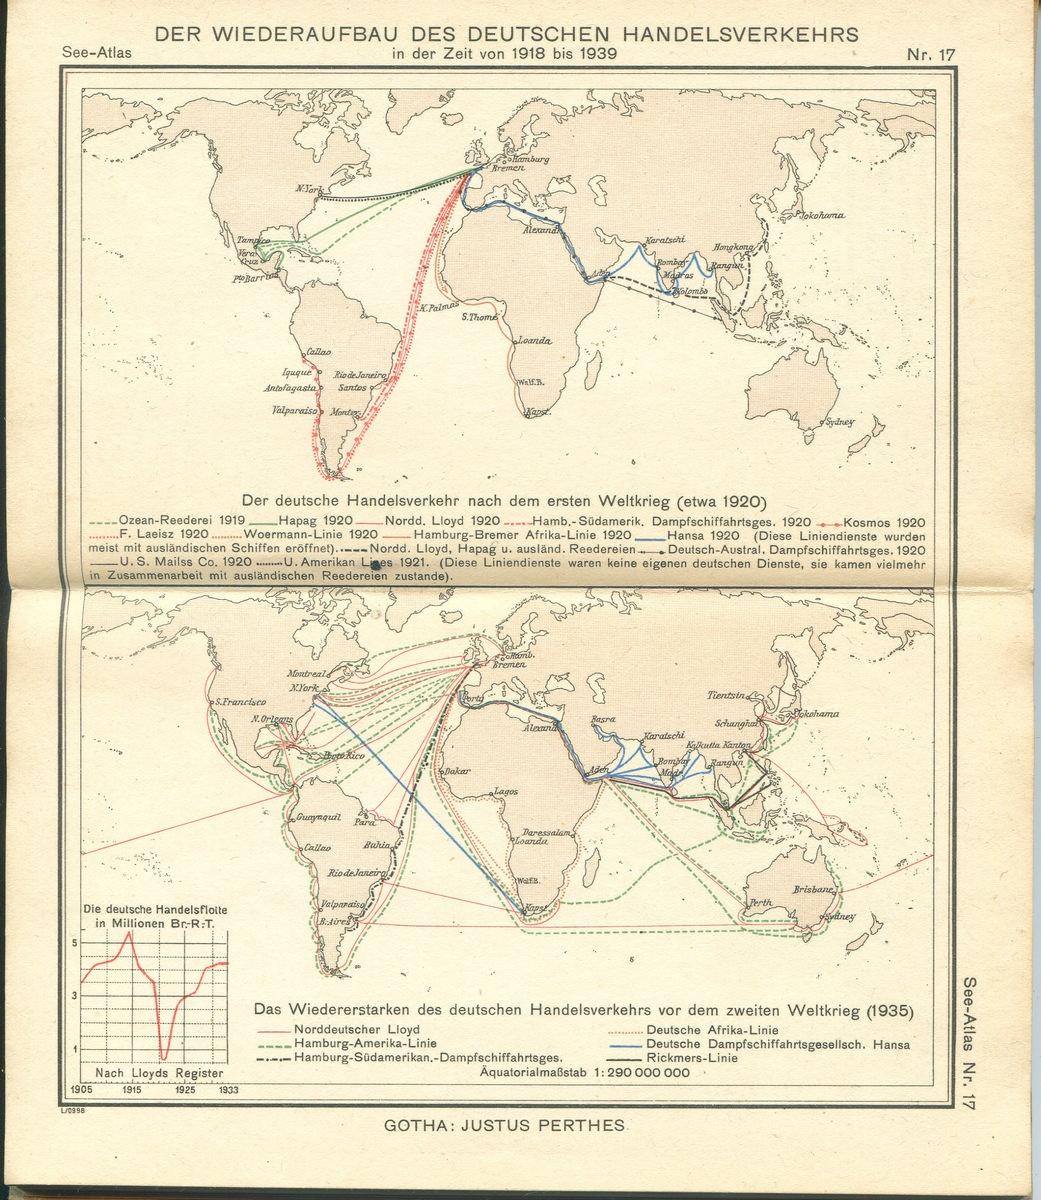 Der Wiederaufbau des Deutschen Handelsverkehrs in der Zeit von 1918 bis 1939